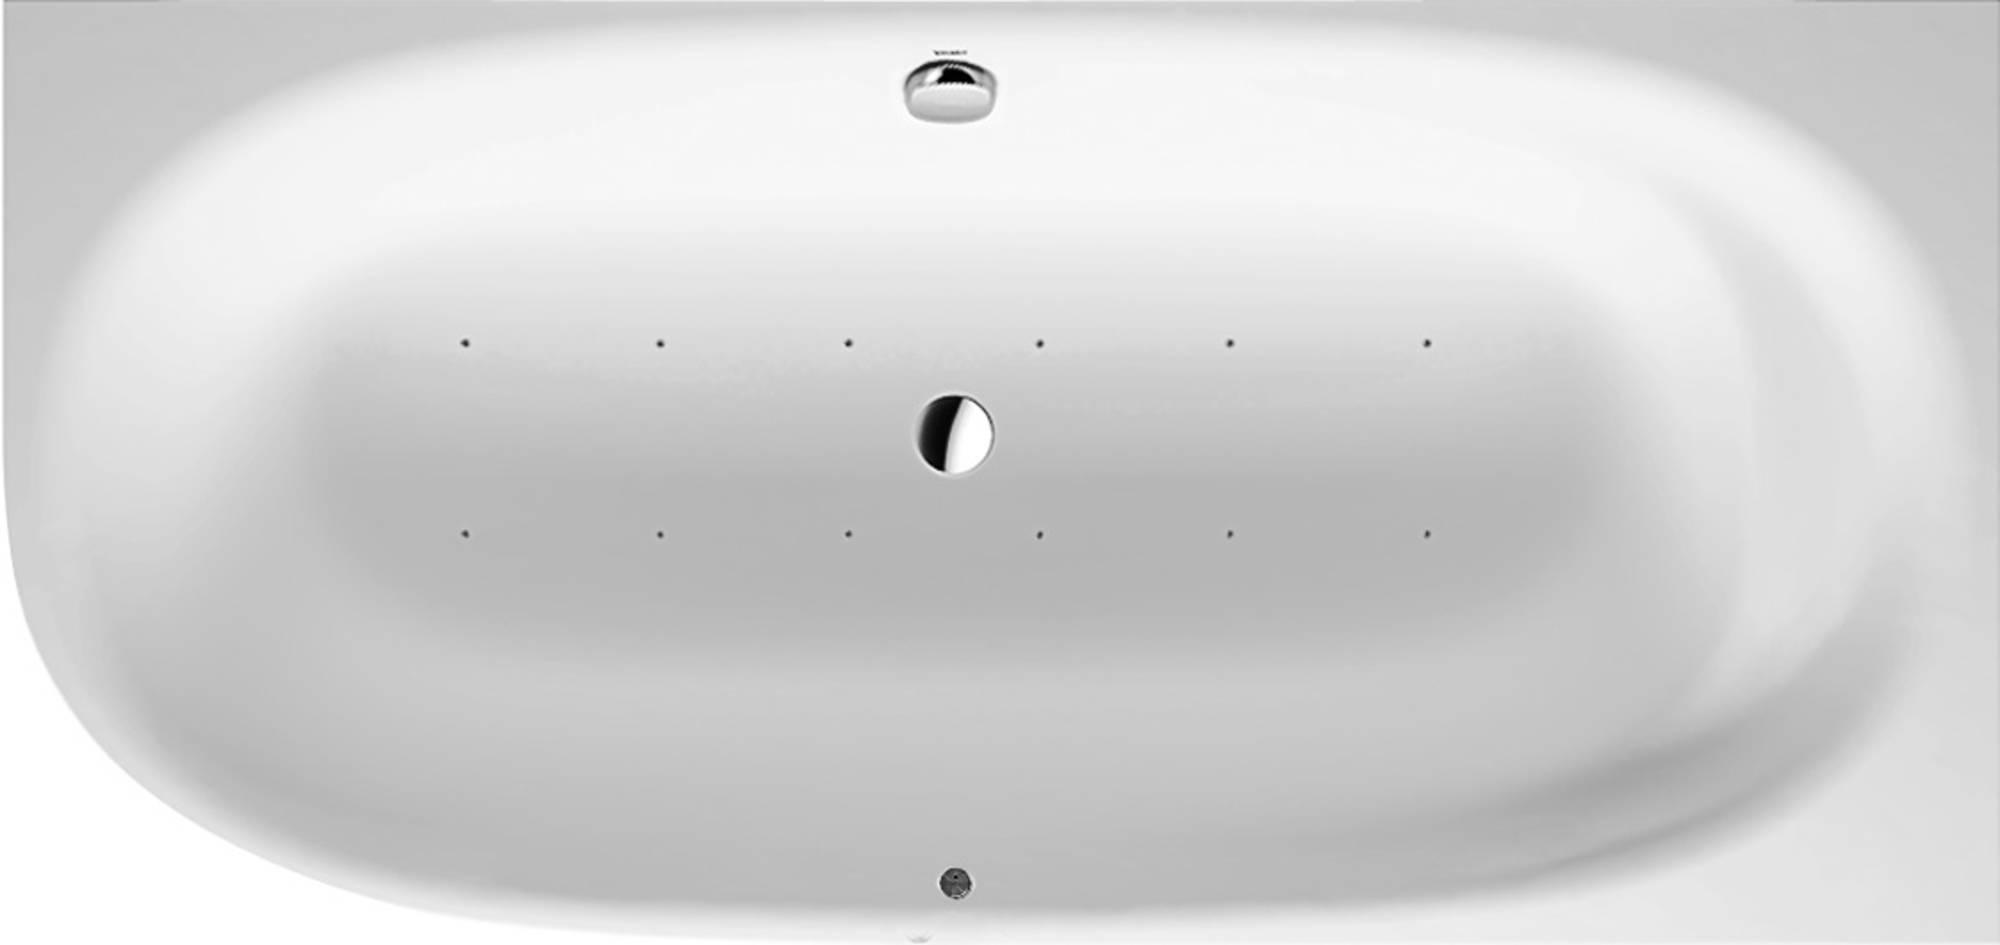 Duravit Cape Cod Systeembad 205 liter Durasolid 190x90 cm Wit